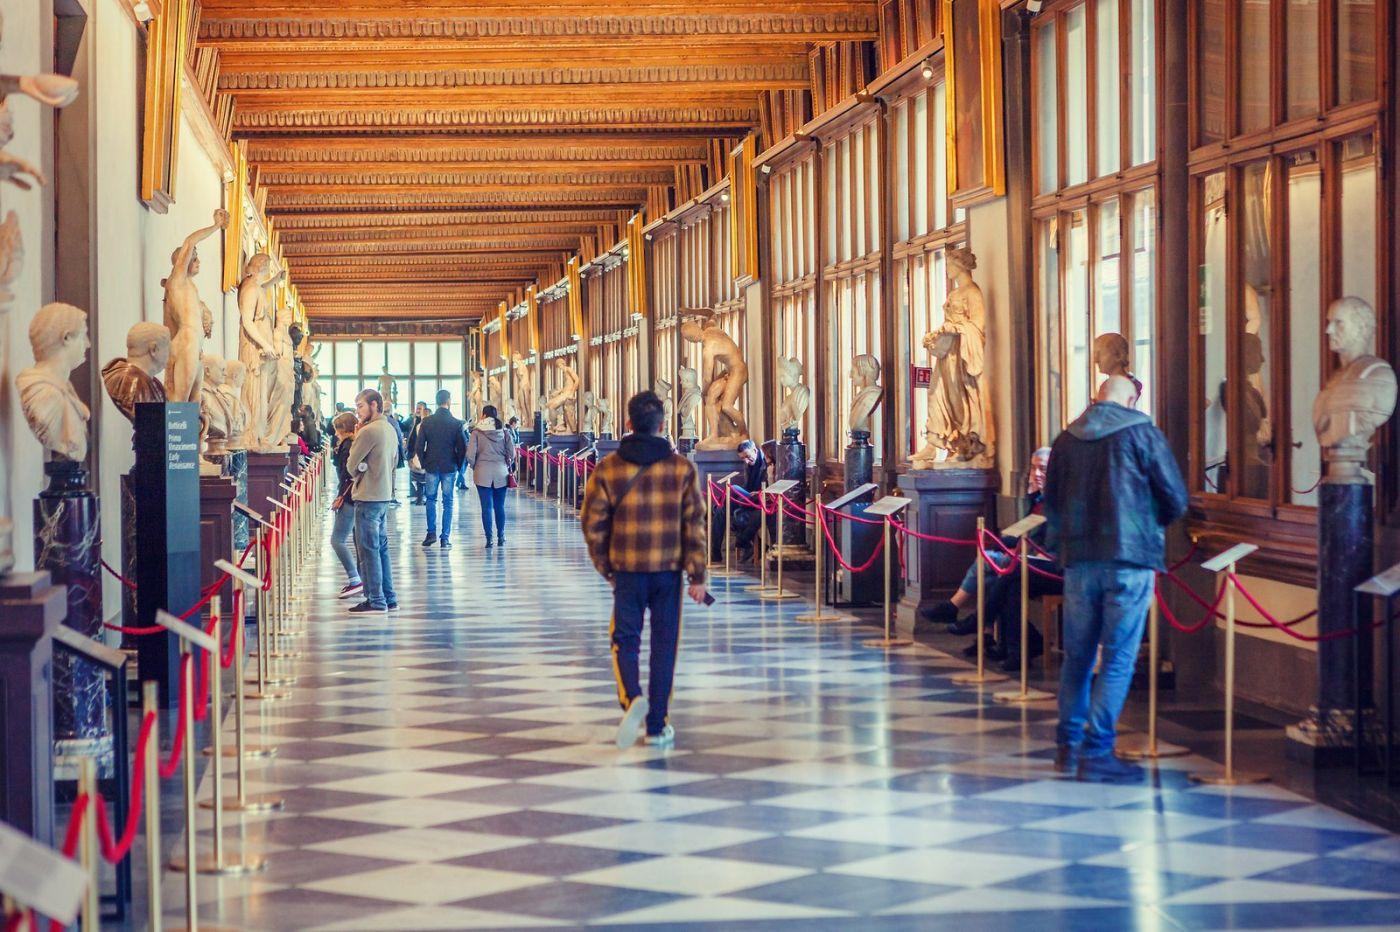 意大利佛罗伦斯乌菲兹美术馆, 进去看一看_图1-29